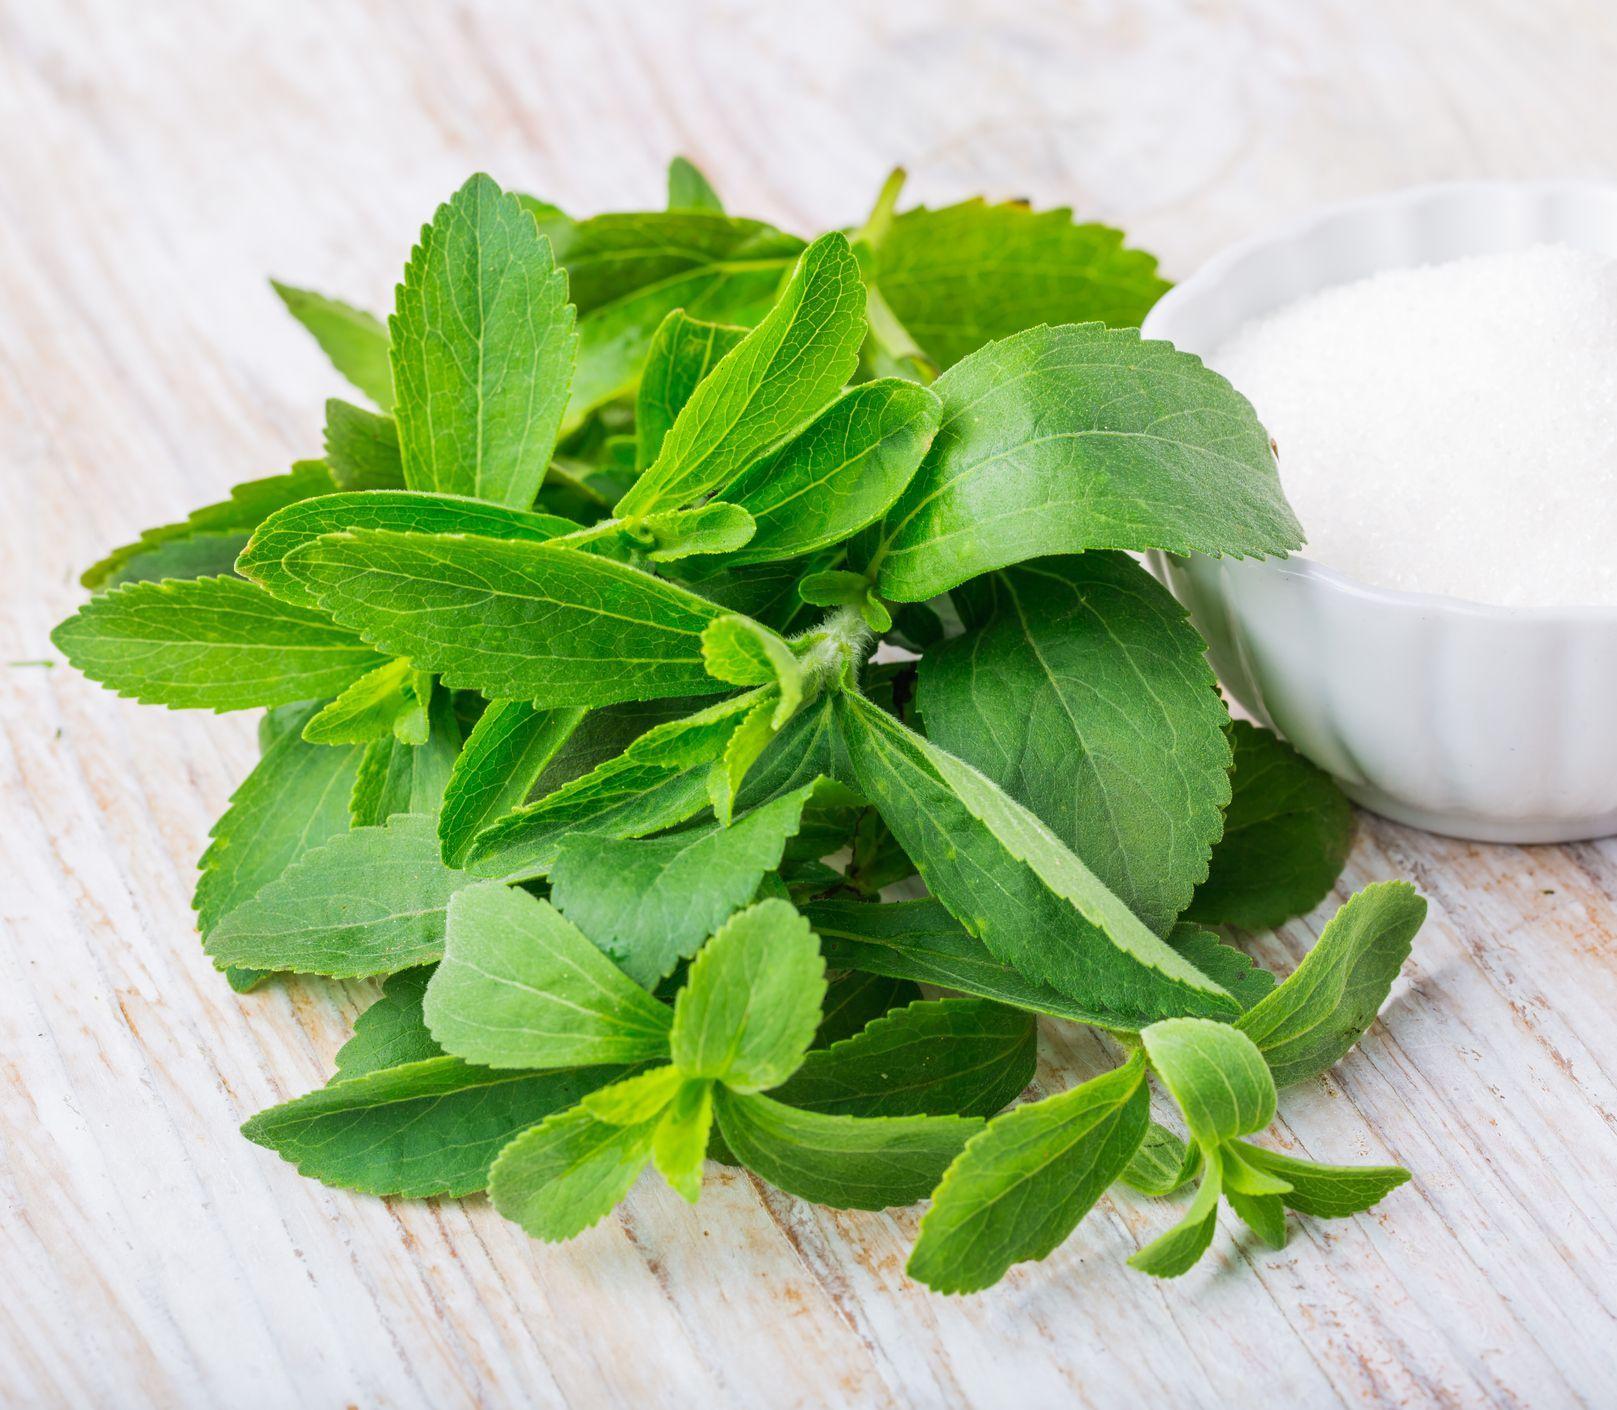 Ideálna náhrada cukru: Stévia je bez kalórií a vhodná pre naše zdravie